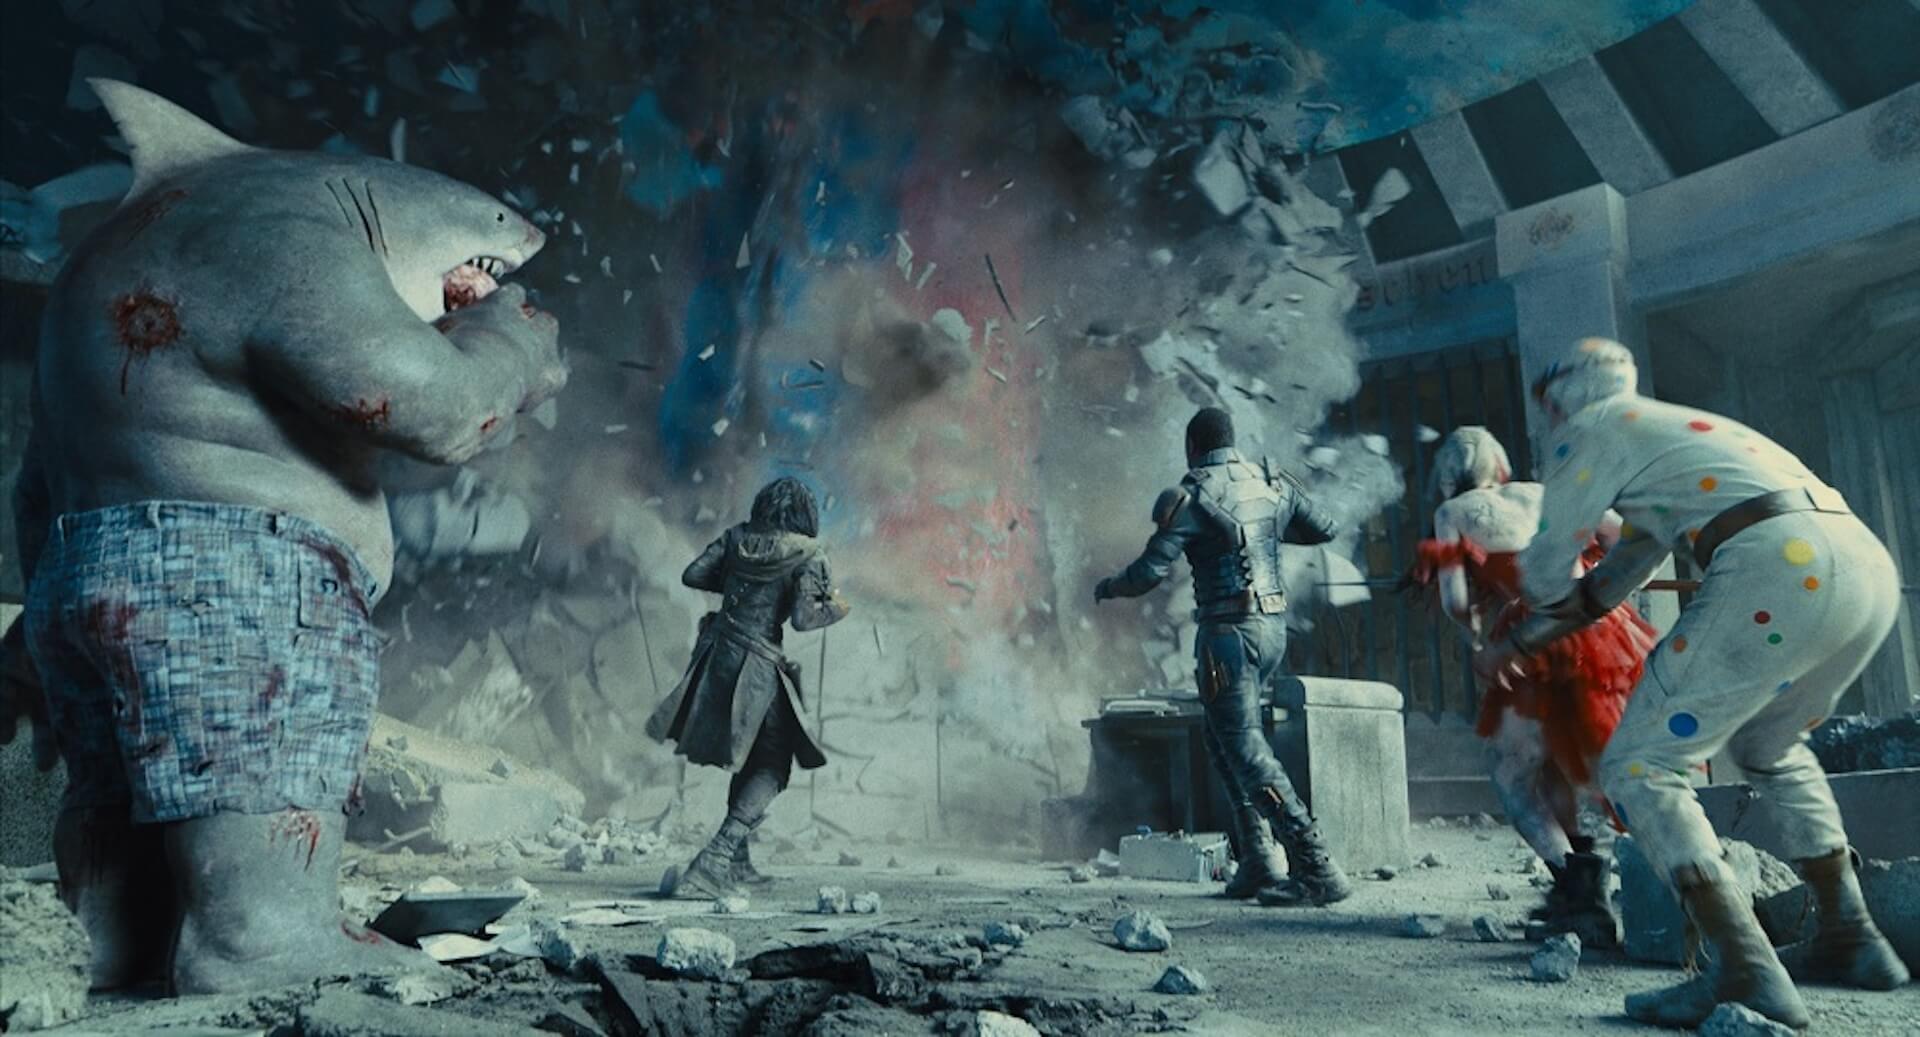 """ハーレイ・クイン、キング・シャークもカイジュウ登場に呆然!?『ザ・スーサイド・スクワッド """"極""""悪党、集結』の新場面写真が解禁 film210615_thesuicidesquad_4"""